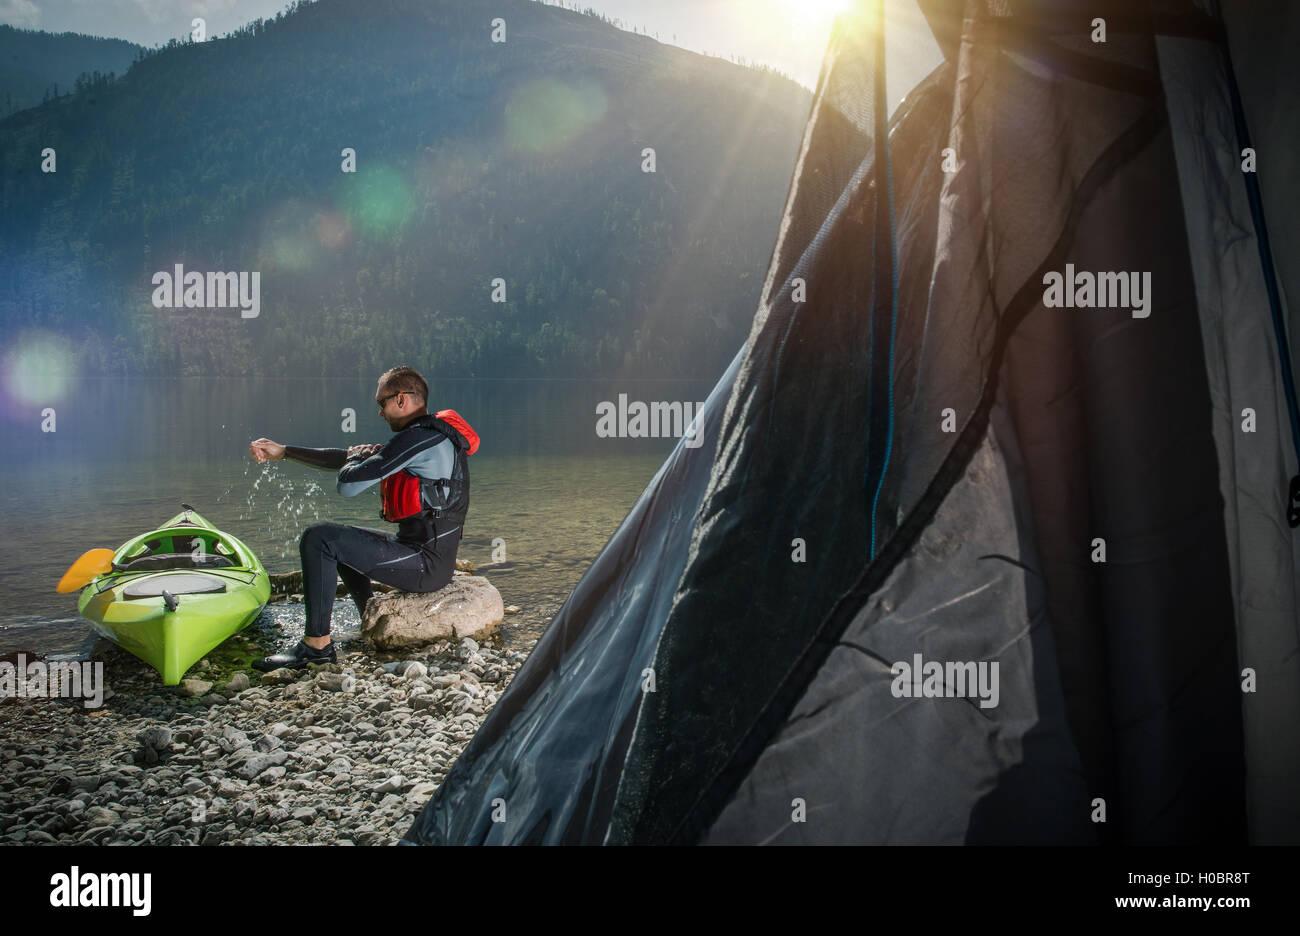 Il campeggio in riva al lago. Gli uomini il relax sul bordo del Lago di lato al suo Kayak. Immagini Stock